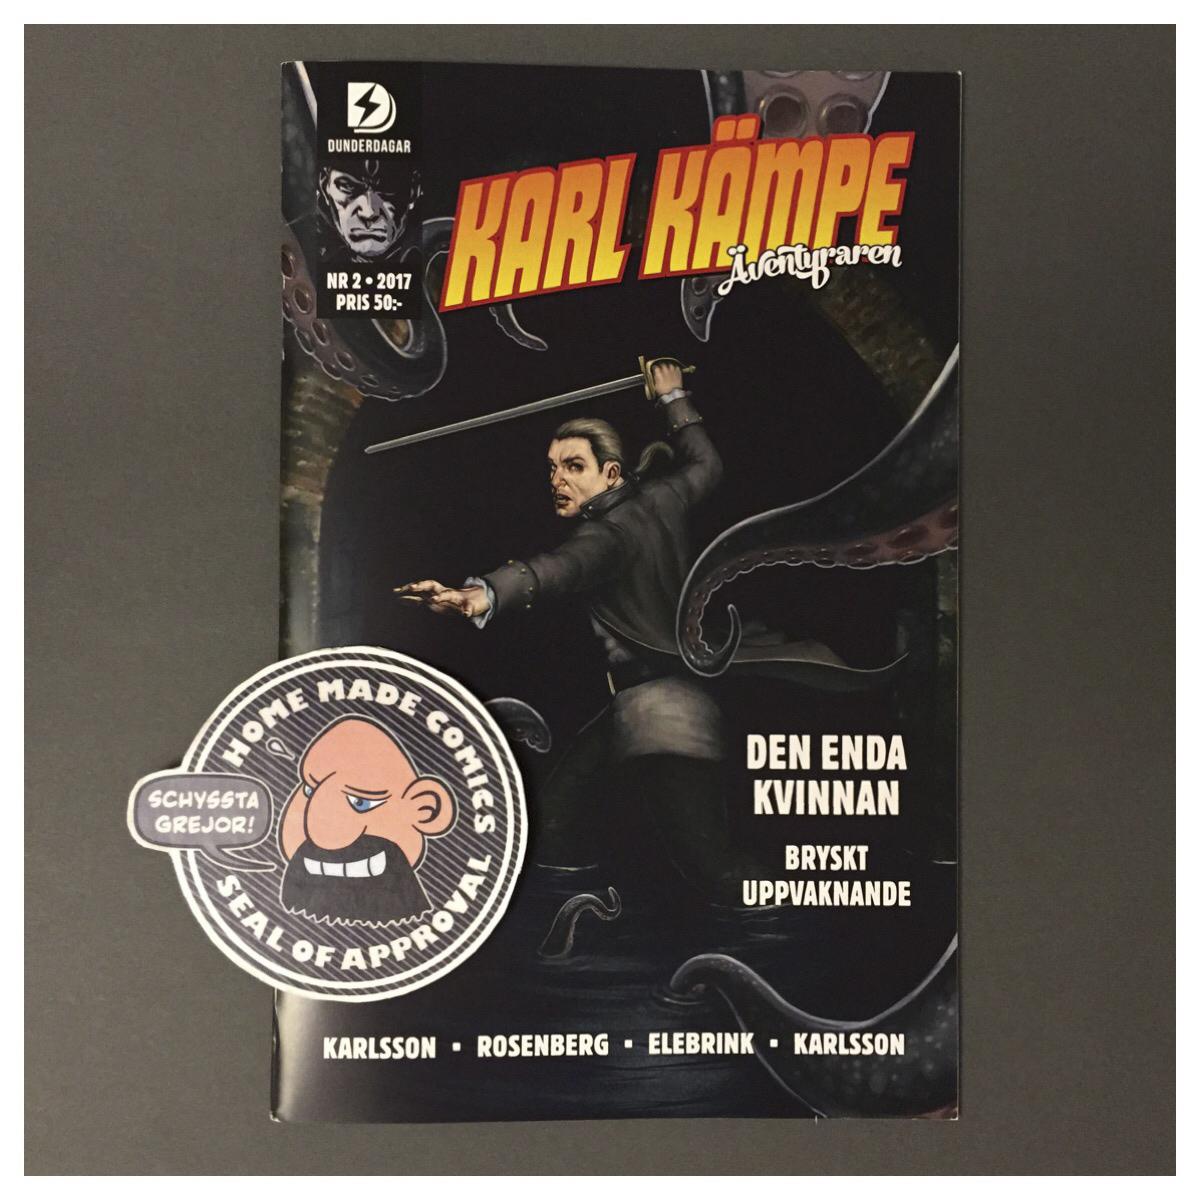 Home Made Comics Seal of Approval #203. Karl Kämpe Äventyraren 2 av Jörgen Karlsson, Reine Rosenberg, Johan Elebrink och Daniel Karlsson utgiven av Dunderdagar 2017.